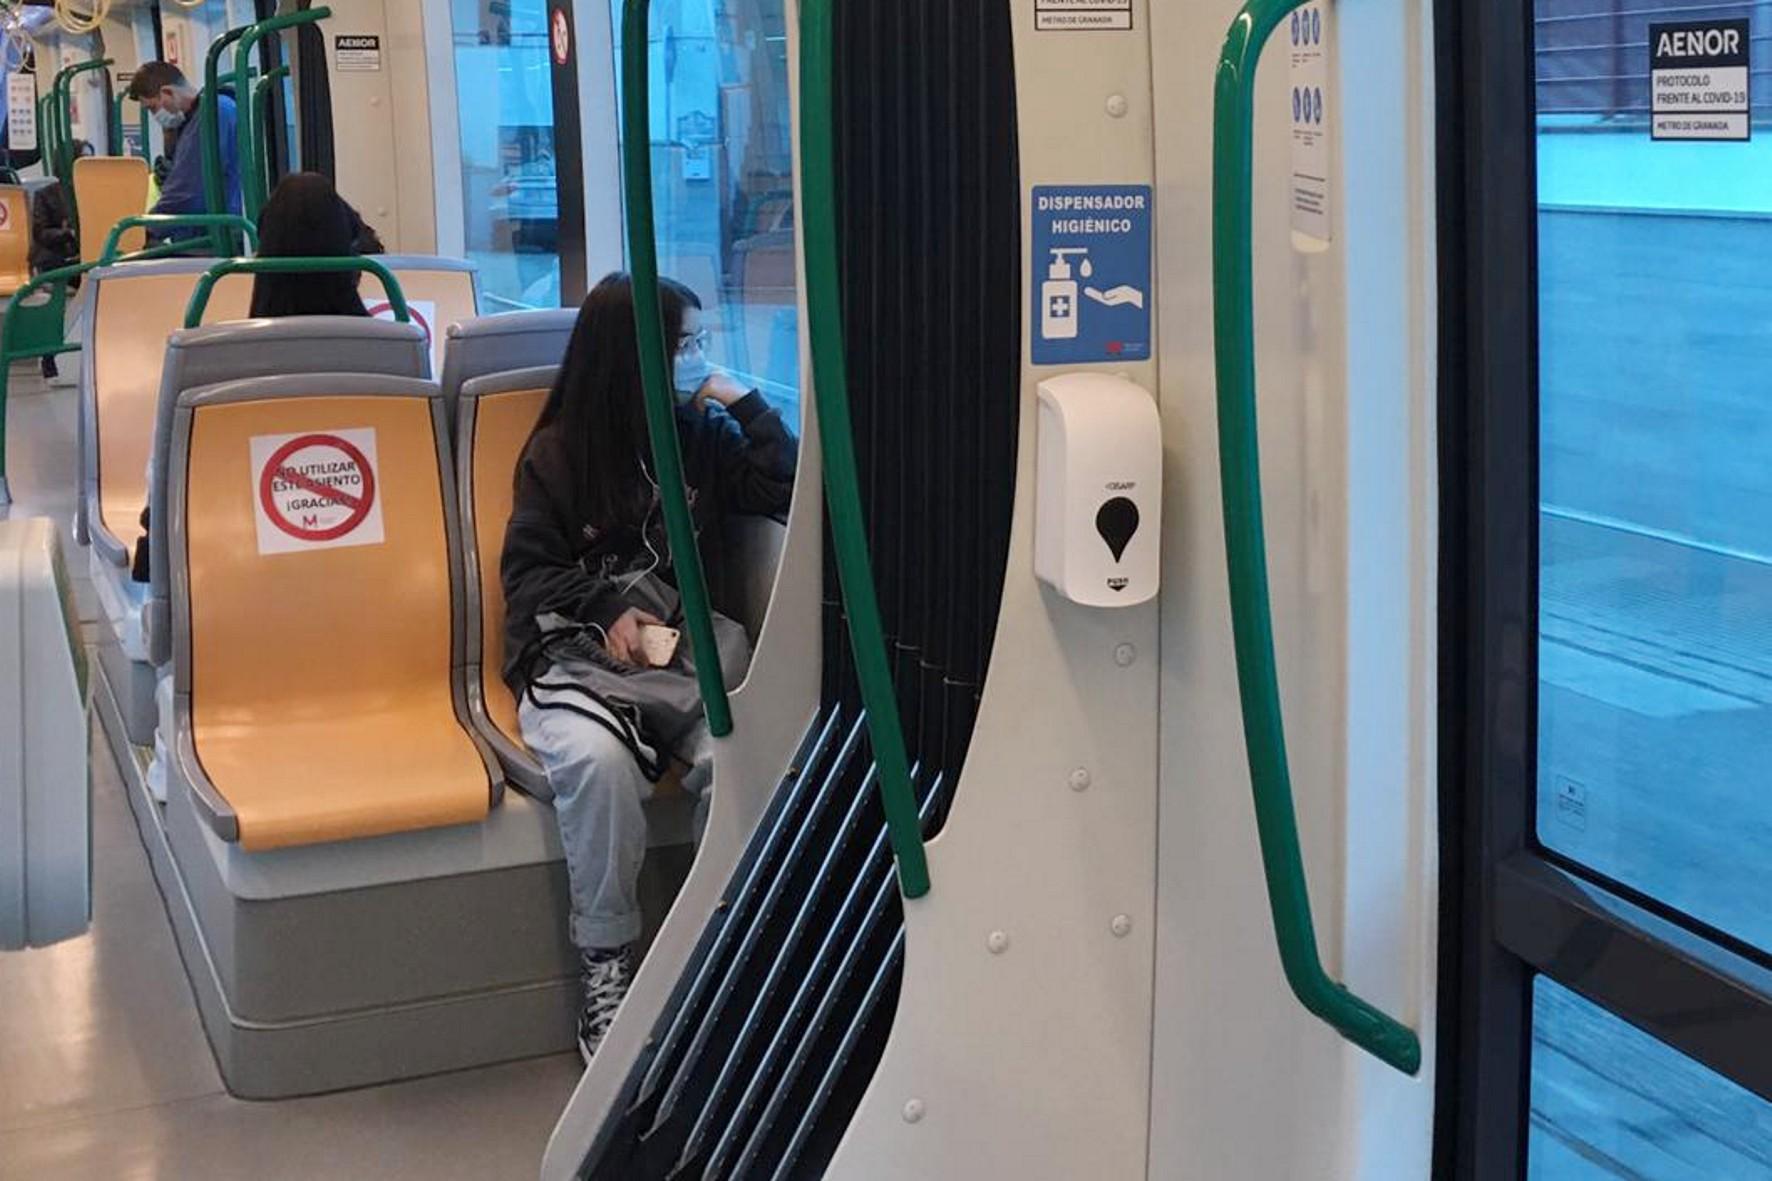 Los usuarios de Metro de Granada encontrarán junto a las puertas dosificadores de gel hidroalcohólico